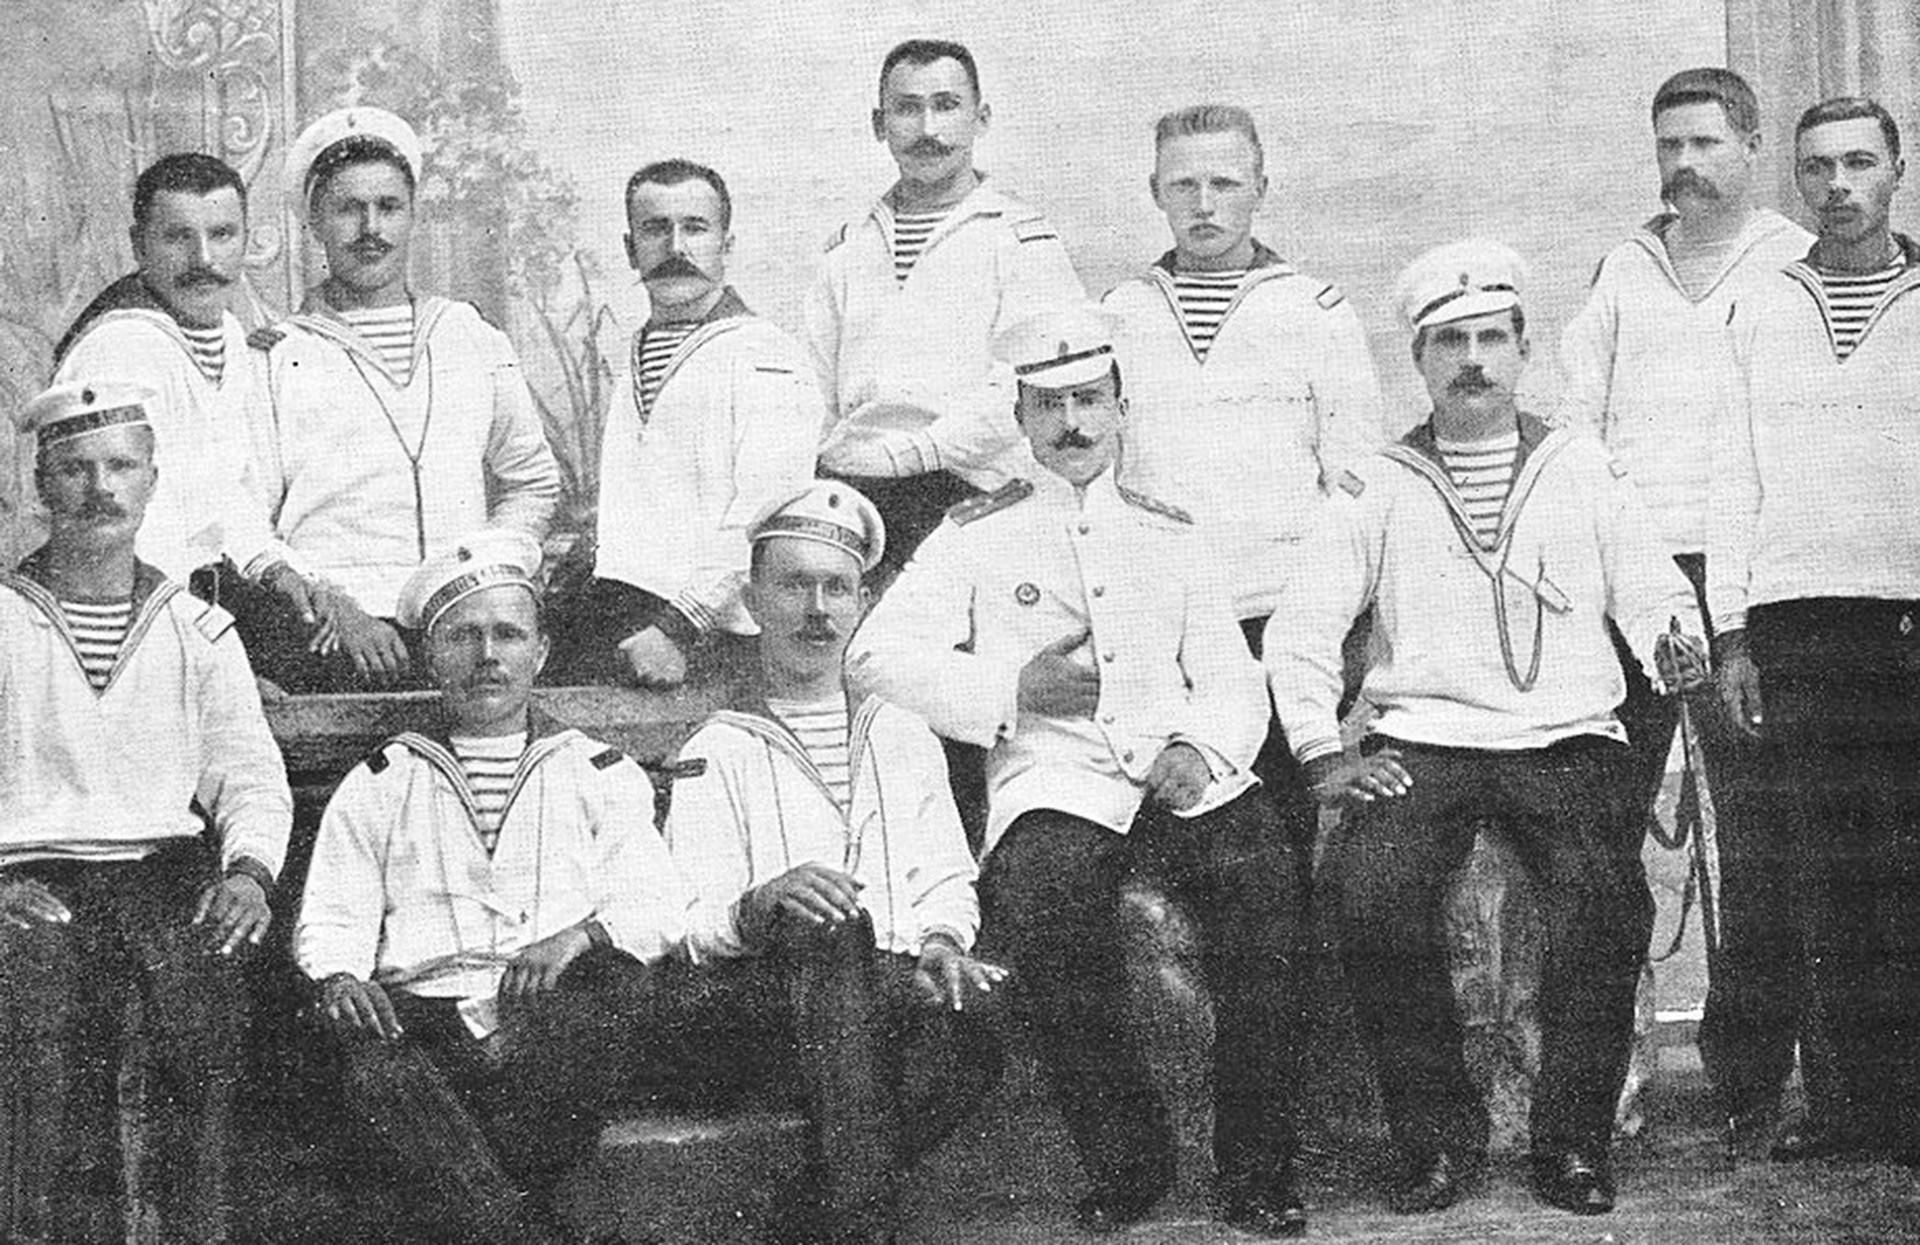 Membros da tripulação do Potemkin; o tenente, ao centro, foi um dos oficiais executados pelos rebeldes